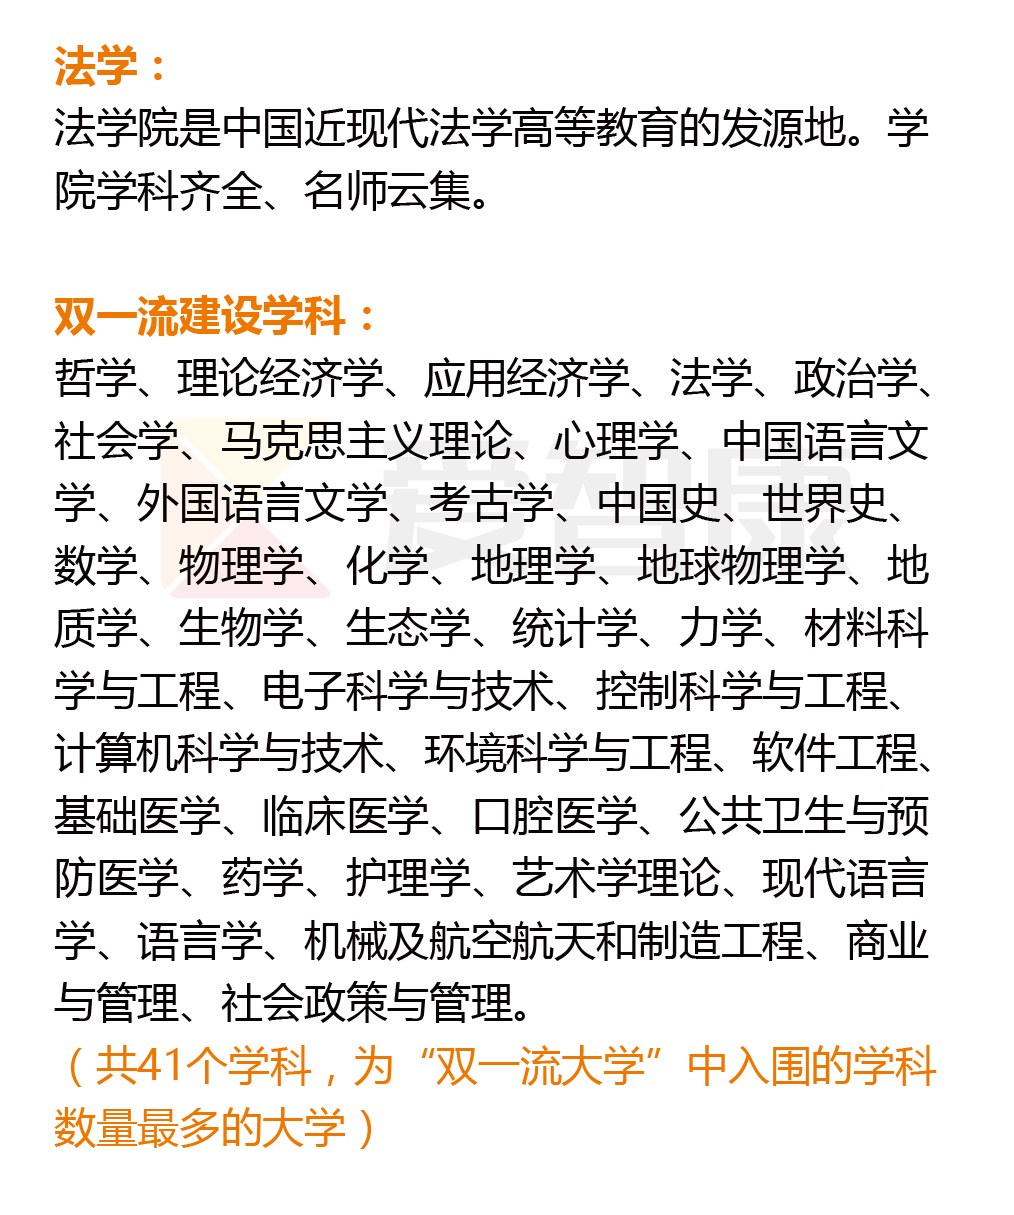 北京大学双一流建设学科